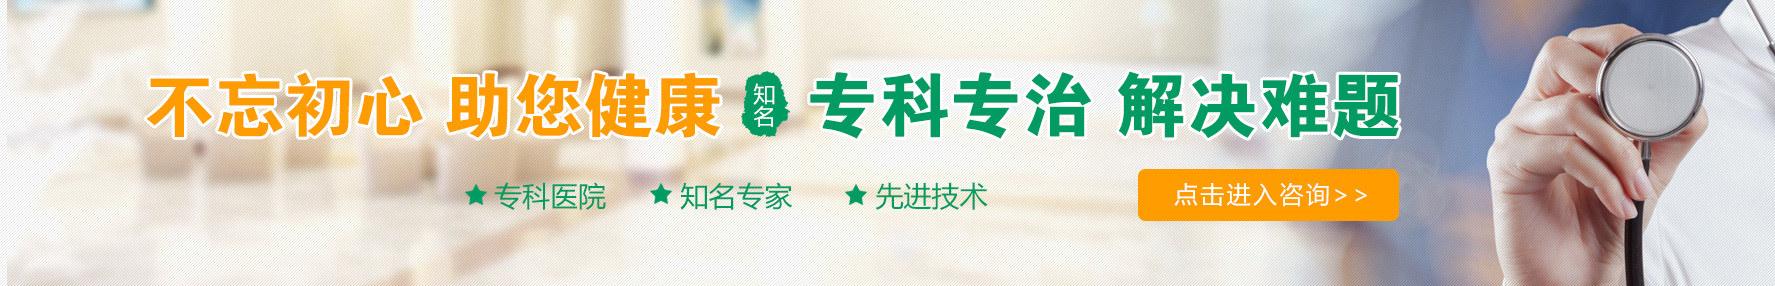 淄博白癜风医院